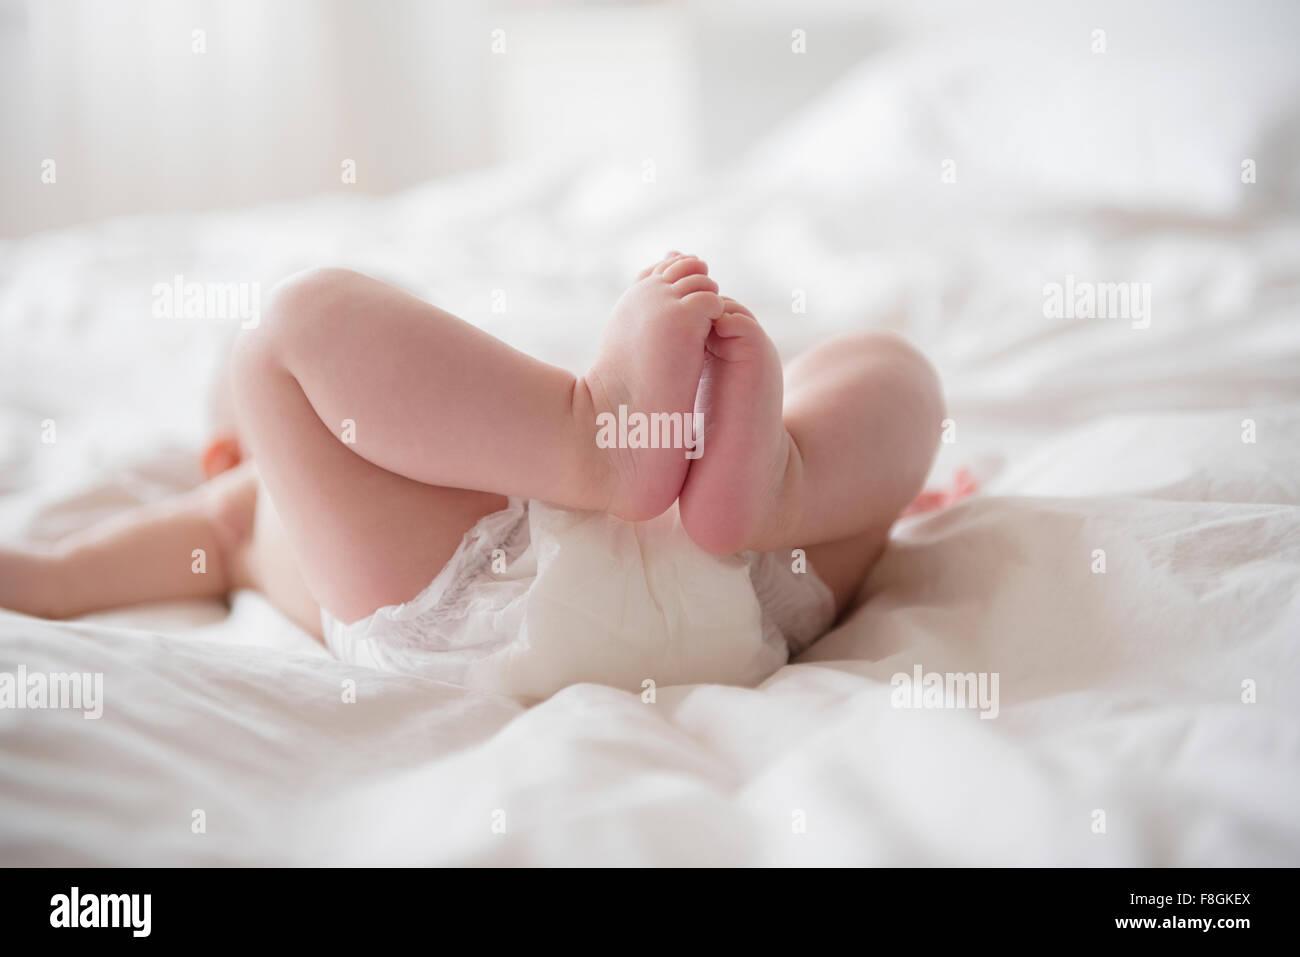 Gambe di soggetti di razza caucasica bambina posa sul letto Foto Stock